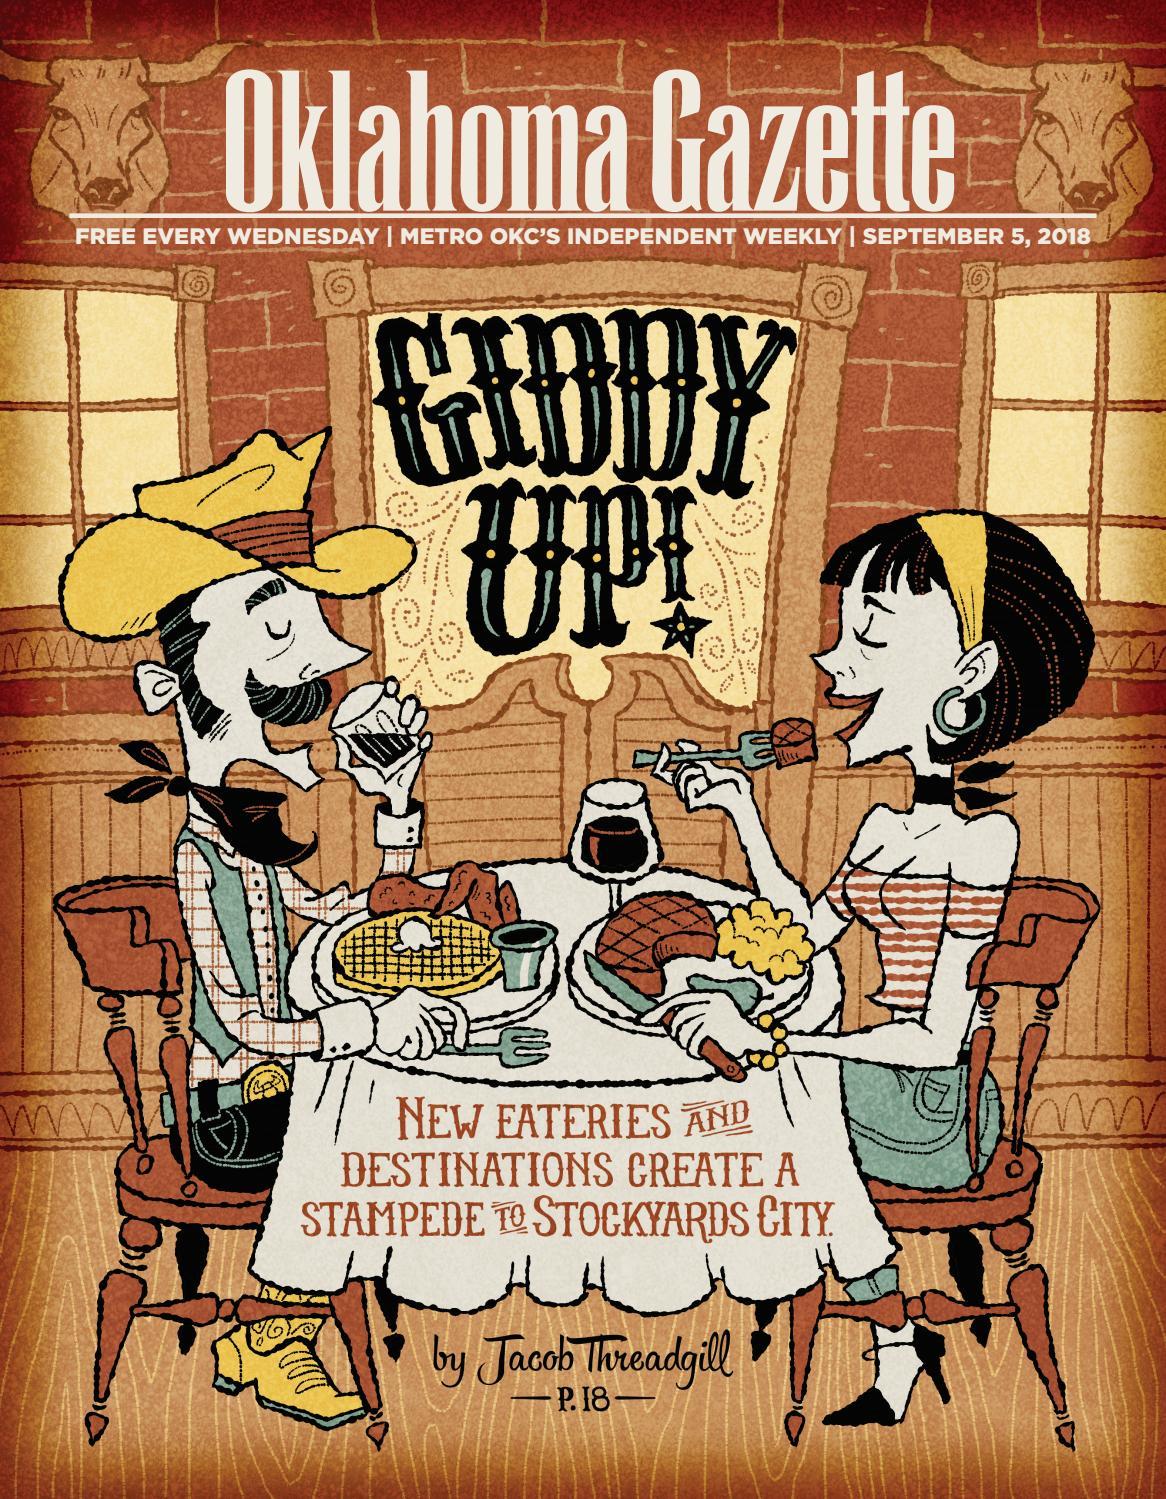 7af5357e2a Giddy Up! by Oklahoma Gazette - issuu